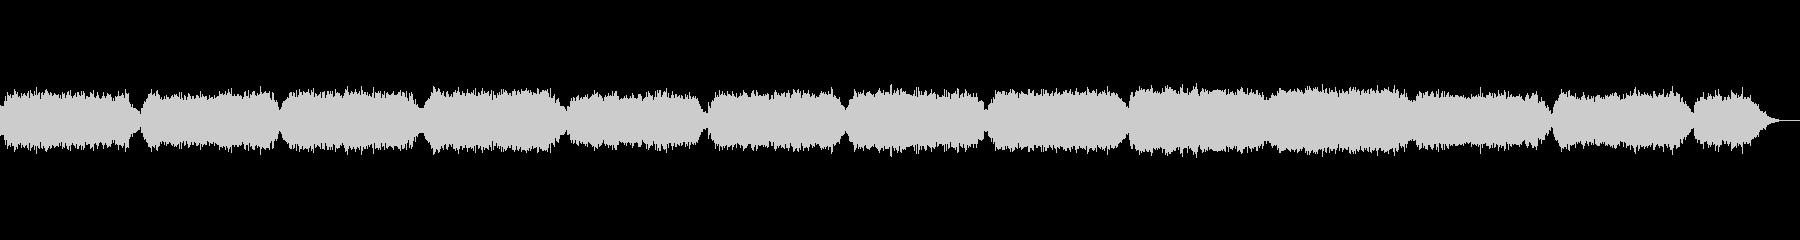 ❤ゆったりやさしいリラクゼーション曲❤の未再生の波形